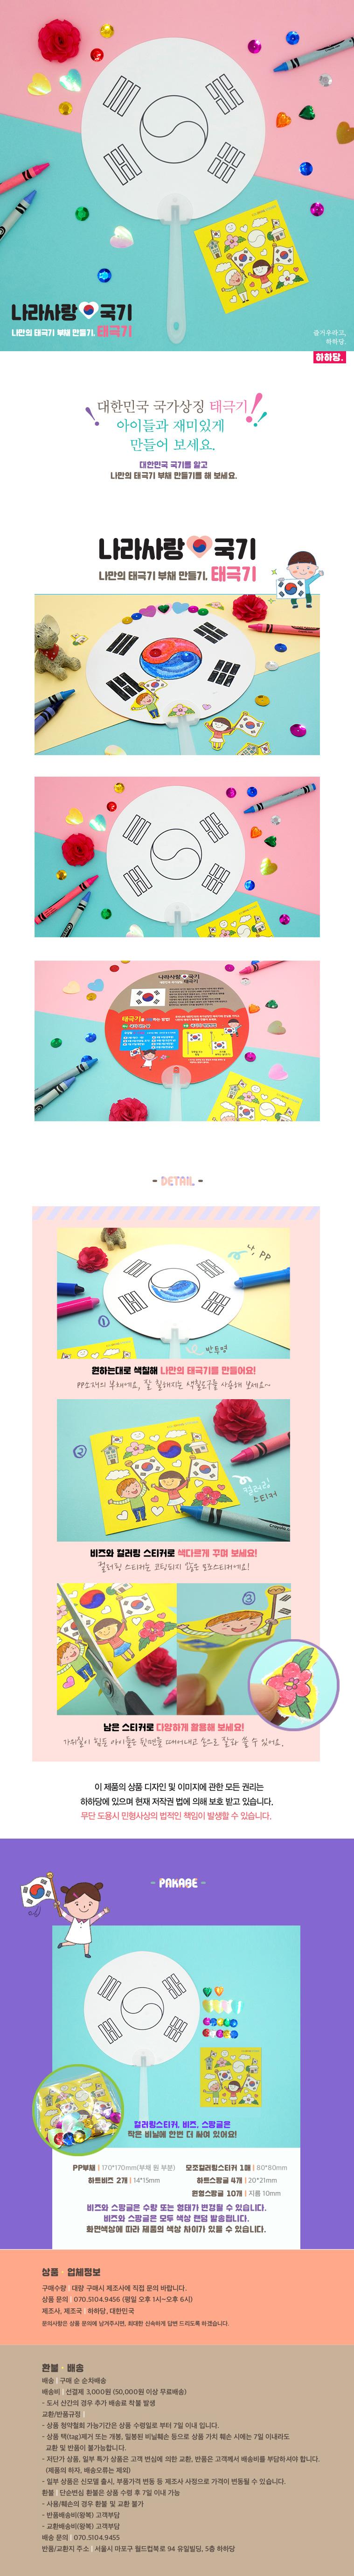 태극기부채 만들기 - 하하당, 1,500원, 종이공예/북아트, 종이공예 패키지